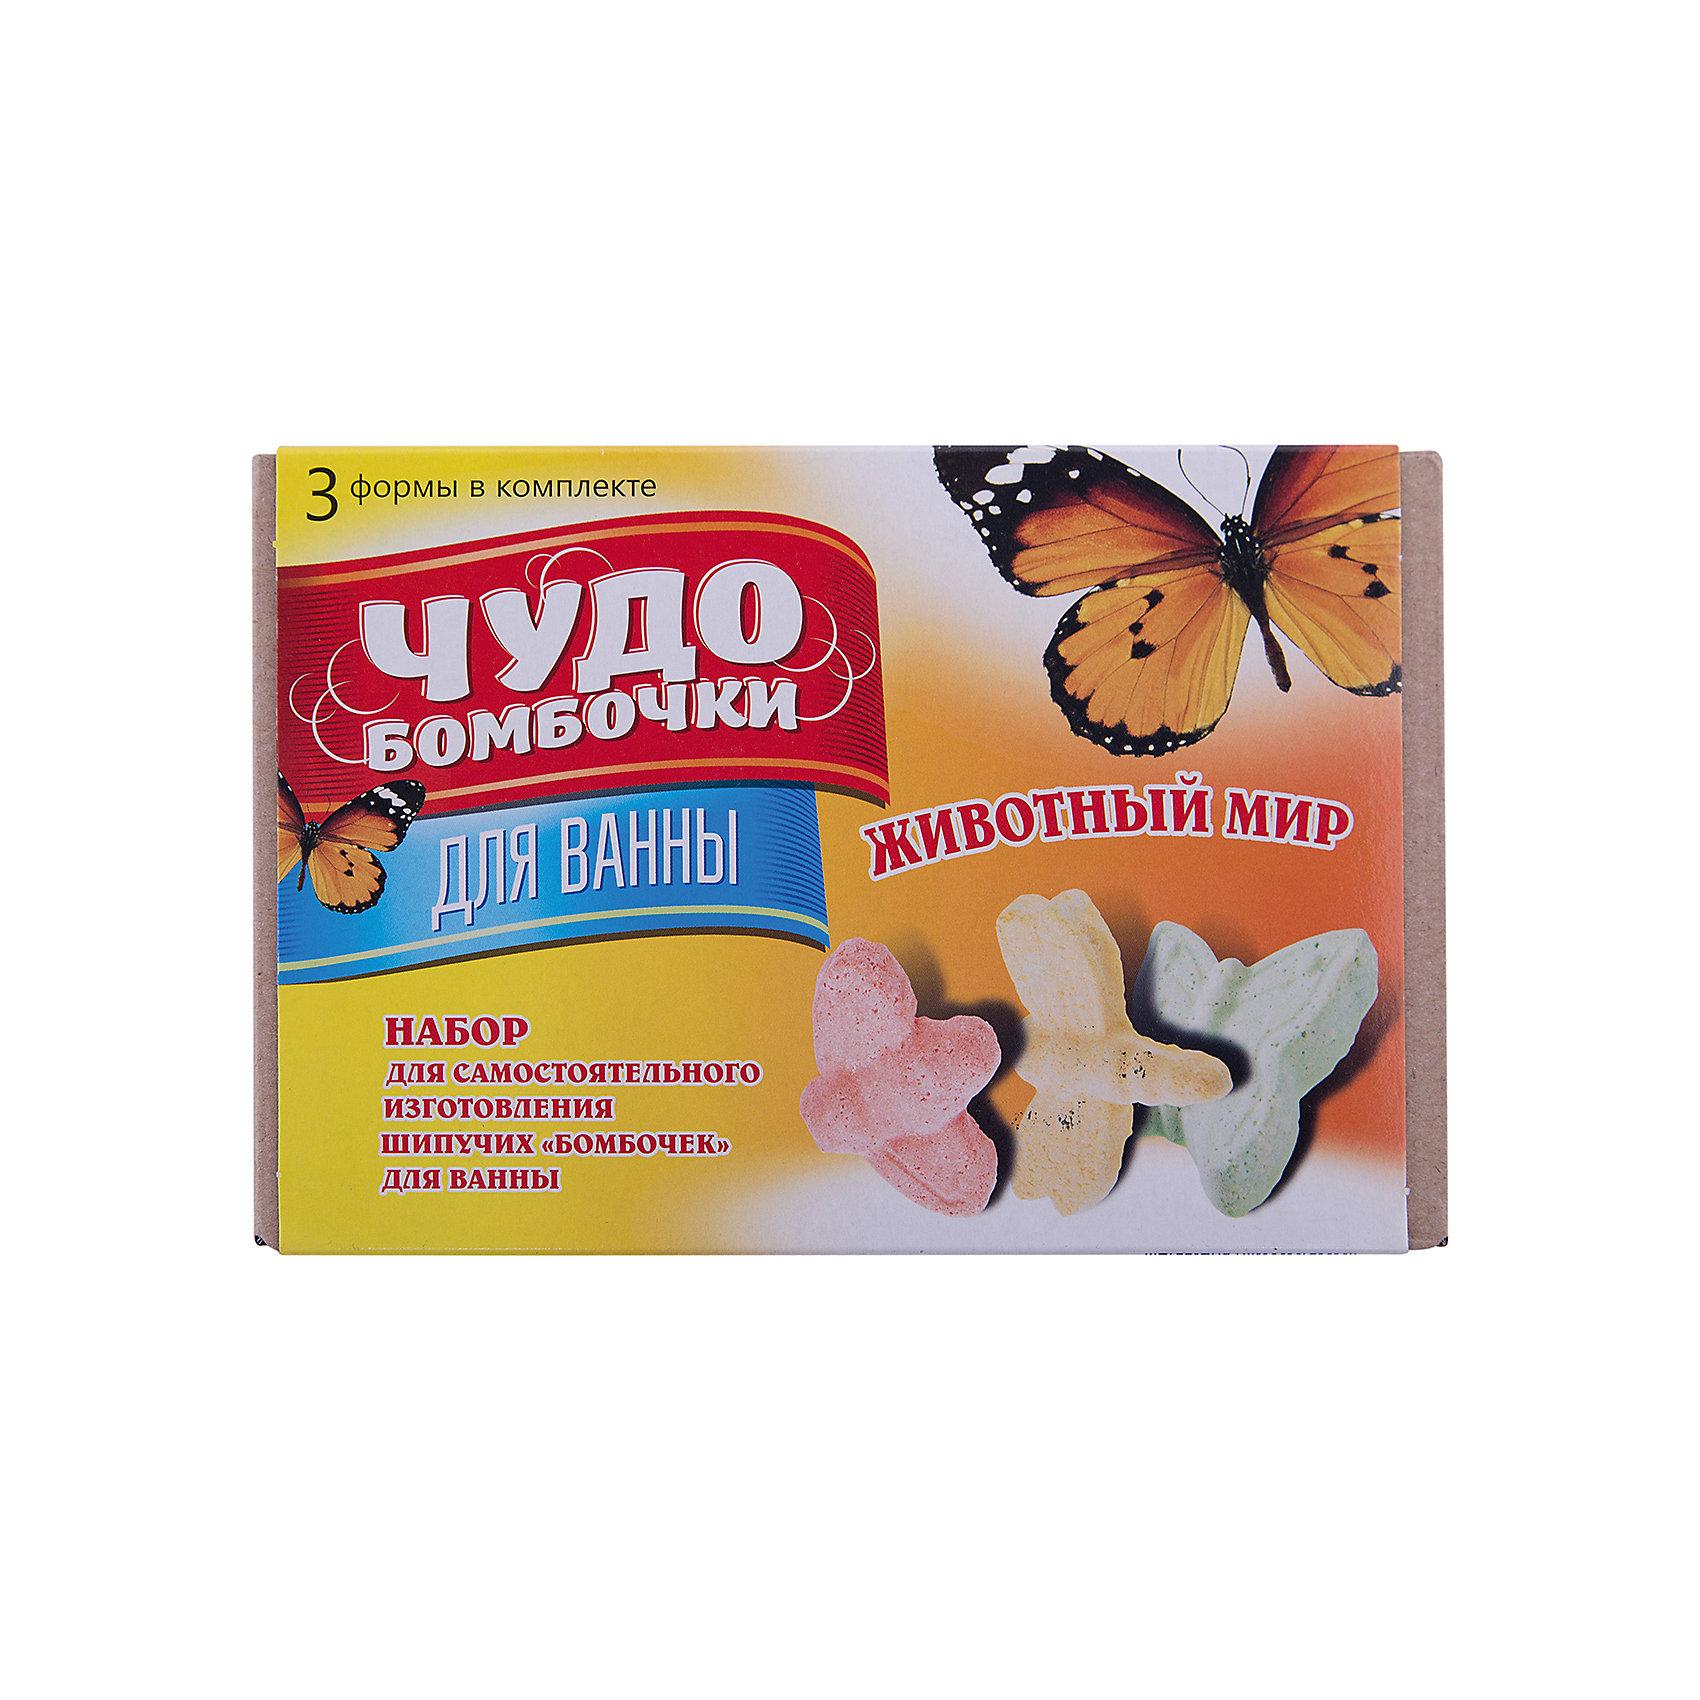 Чудо бомбочки Животный мирНаборы детской косметики<br>Характеристики:<br><br>• размер: 13х19х11см <br>• размер бомбочки: 6x6x2см.;<br>• в набор входит: формы для бомбочек, пищевые красители, ароматизаторы, стаканчик, палочки, ложечка мерная, защитные перчатки, инструкция;<br>• состав: бумага, пластмасса, дерево, пенопласт;<br>• вес: 430 г.;<br>• для детей в возрасте: от 8 лет;<br>• страна производитель: Россия.<br><br>Вместе с набором от Master IQ2 (Мастер АйКью2) можно с легкостью перенестись в волшебный мир замечательных бомб в виде различных животных. Эти бомбочки хорошо пенятся и пузырятся в воде, как настоящие бомбы. ребёнок легко сможет сделать своими руками таких насекомых как бабочку, муху и стрекозу. <br><br>Мыльные бомбы станут лучшими помощниками ребенку в сфере художественного развития и прекрасно подойдут для развития моторики рук, усидчивости, аккуратности. Кроме того, задание повышает самооценку, ведь ребёнок смог сам сделать эти бомбочки.<br><br>Чудо бомбочки Животный мир можно купить в нашем интернет-магазине.<br><br>Ширина мм: 182<br>Глубина мм: 122<br>Высота мм: 102<br>Вес г: 431<br>Возраст от месяцев: 96<br>Возраст до месяцев: 180<br>Пол: Унисекс<br>Возраст: Детский<br>SKU: 5083852